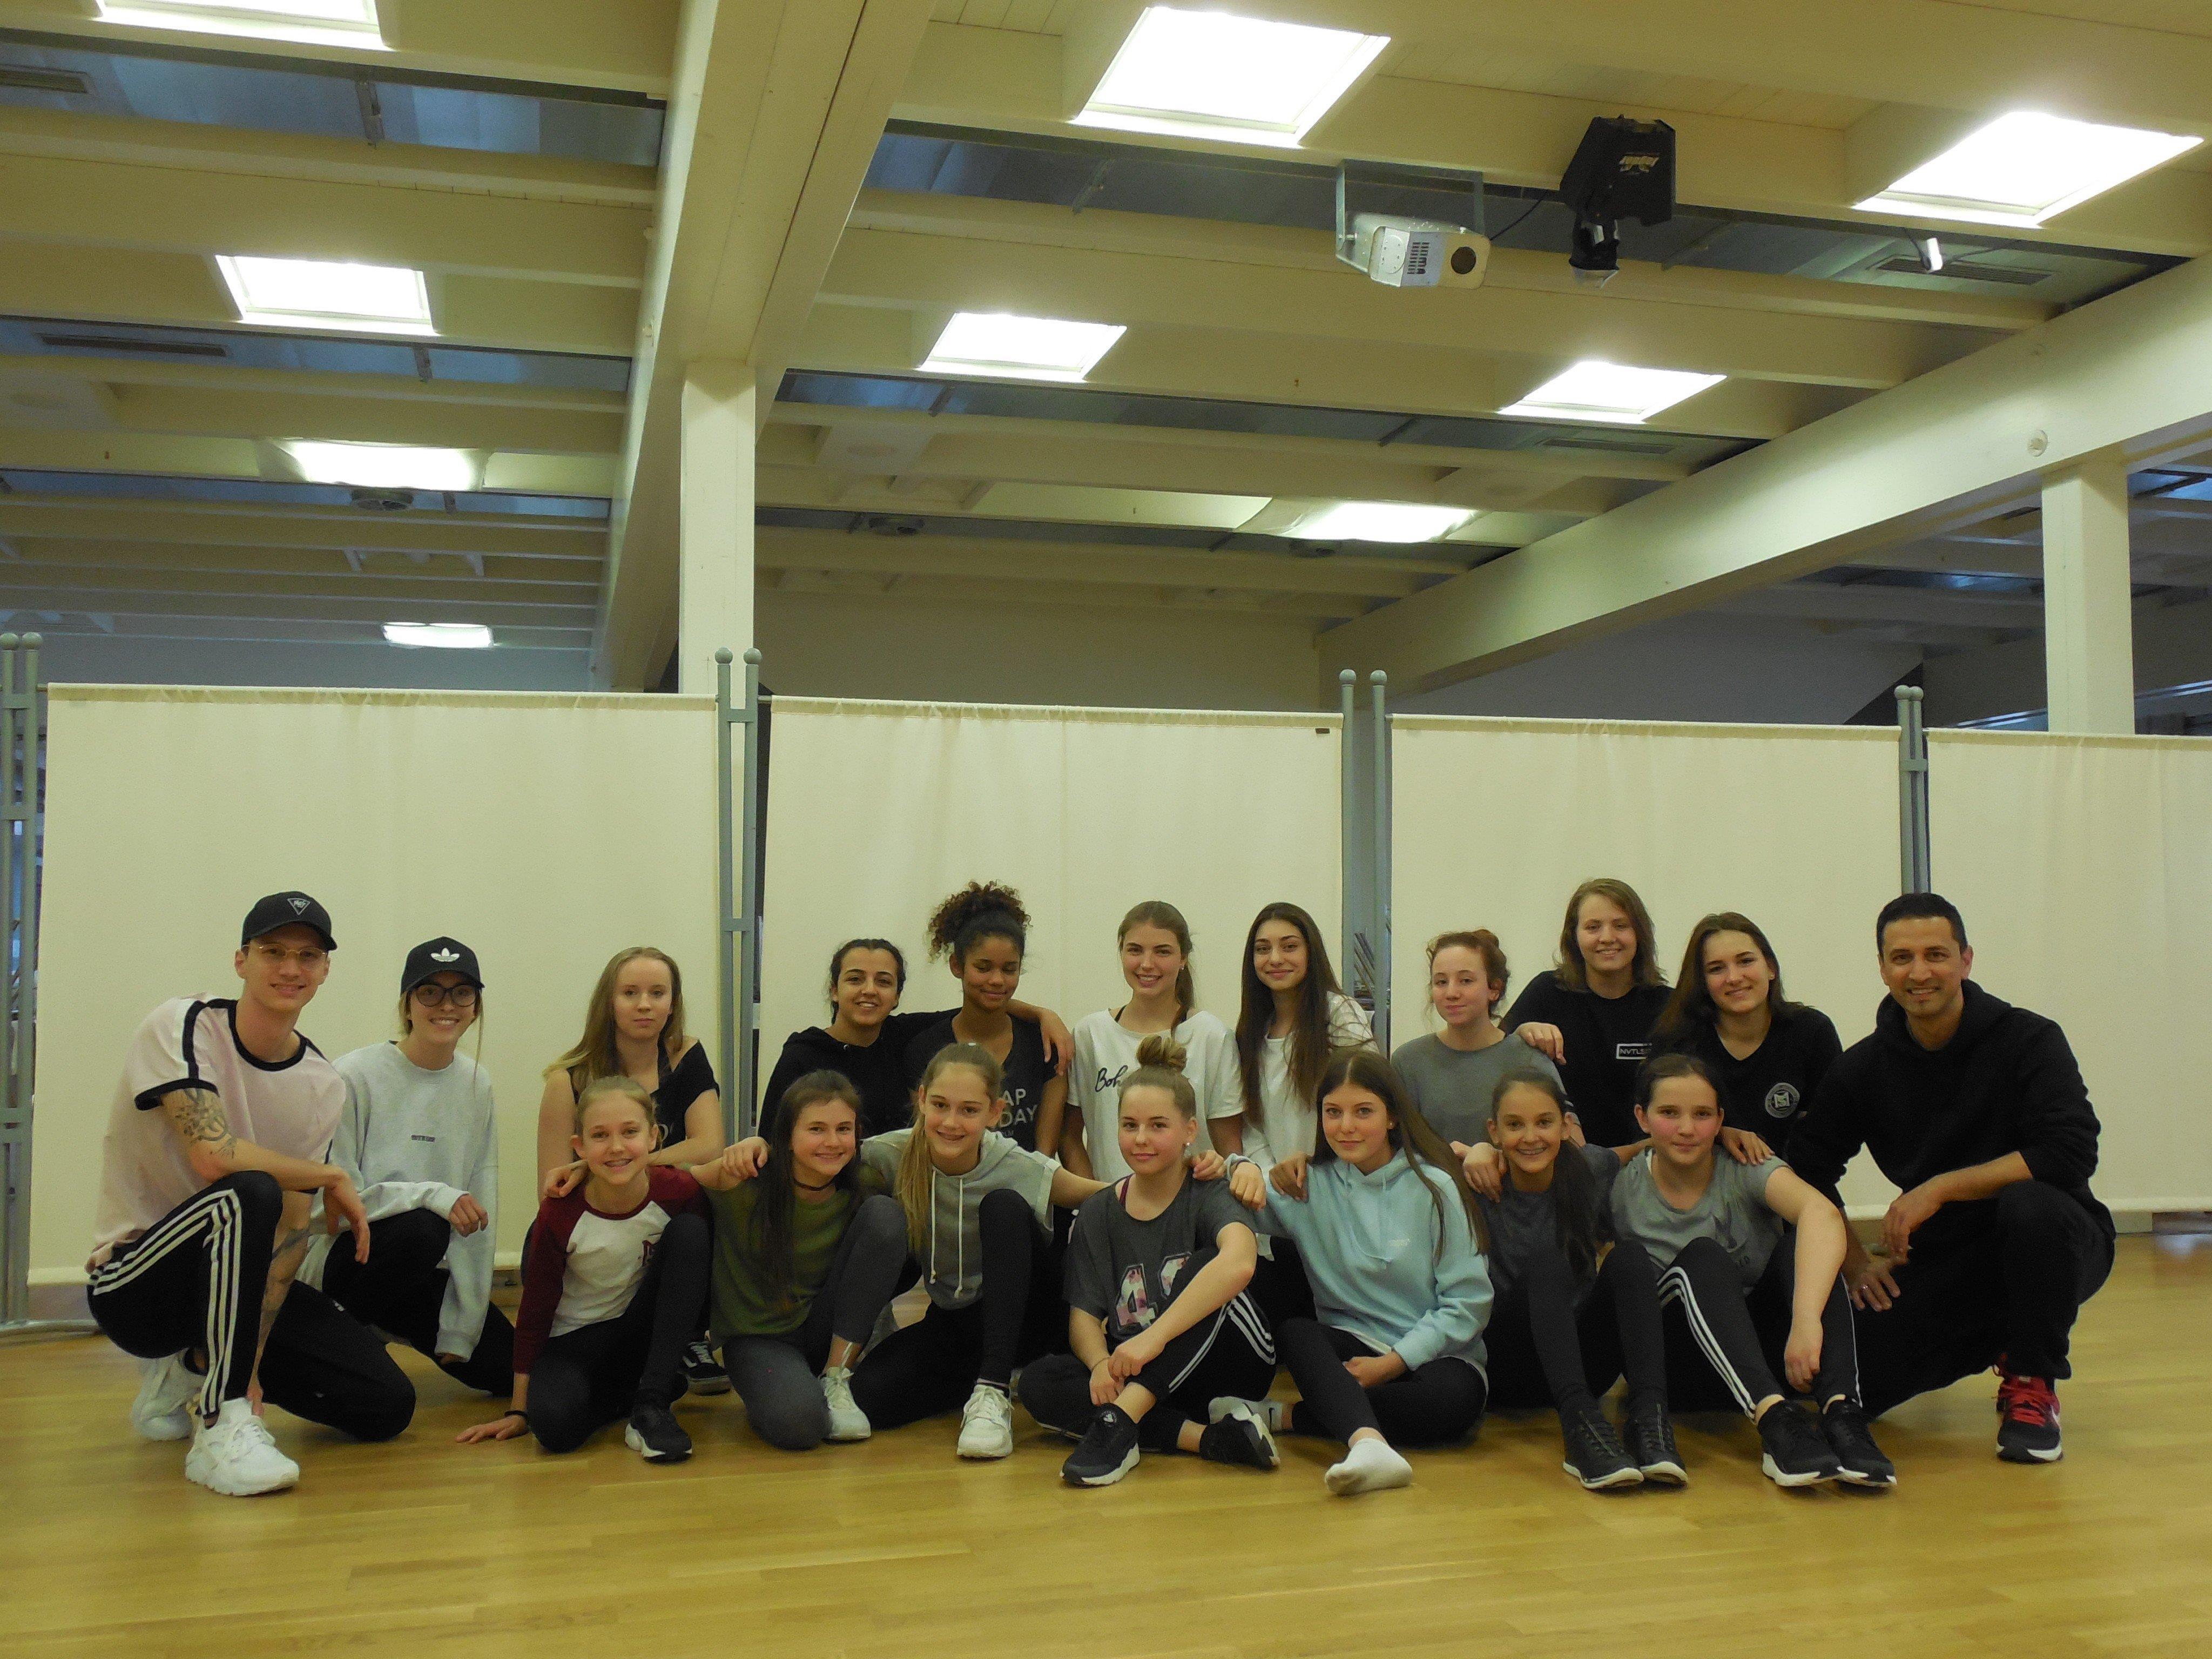 Move4Style feiert im Mai sein 10-jähriges Jubiläum. Und die Tanzgruppen feiern mit.